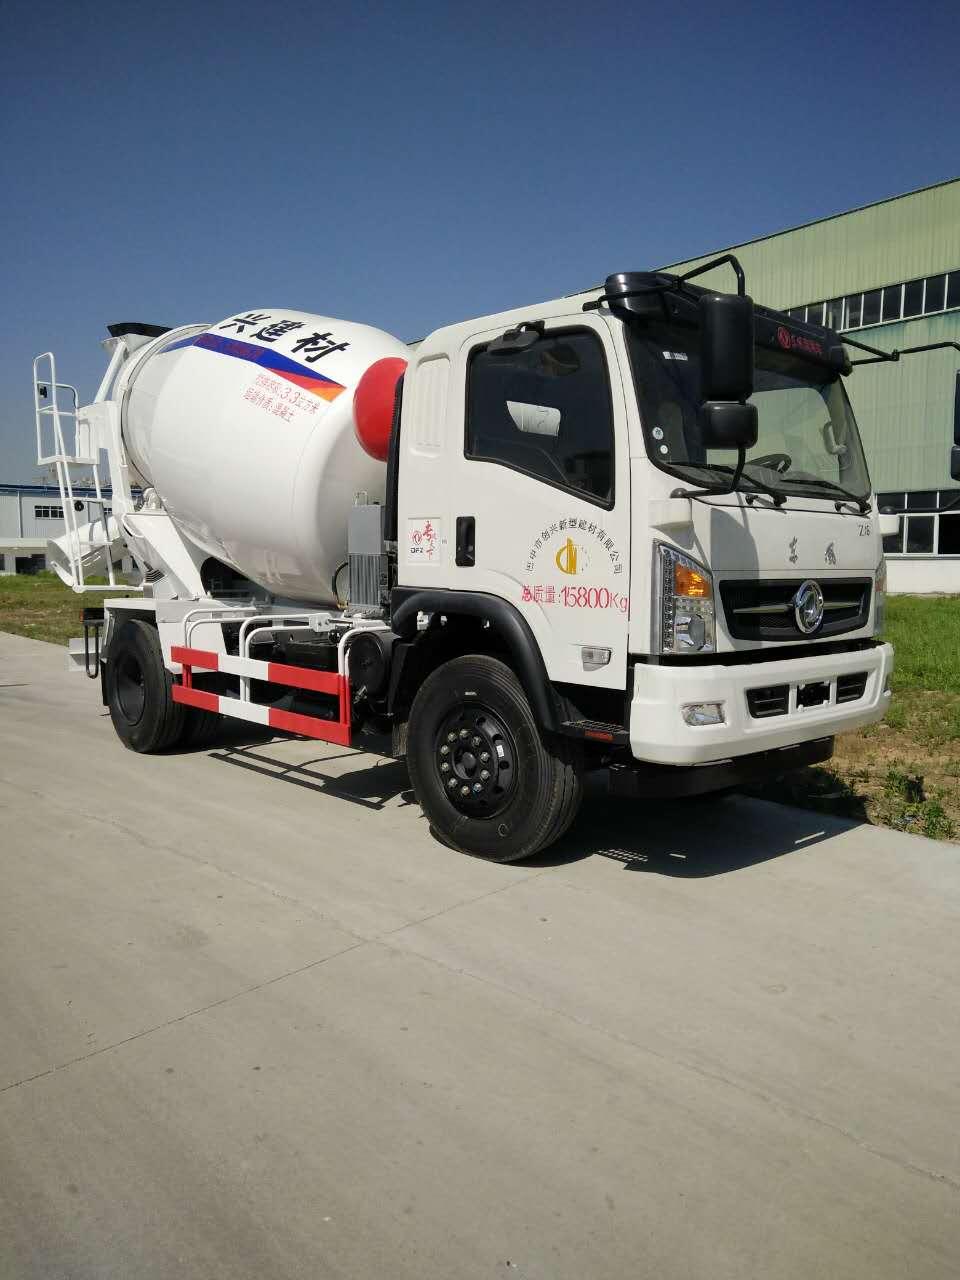 水泥搅拌车液压系统压力不足表现在哪些方面